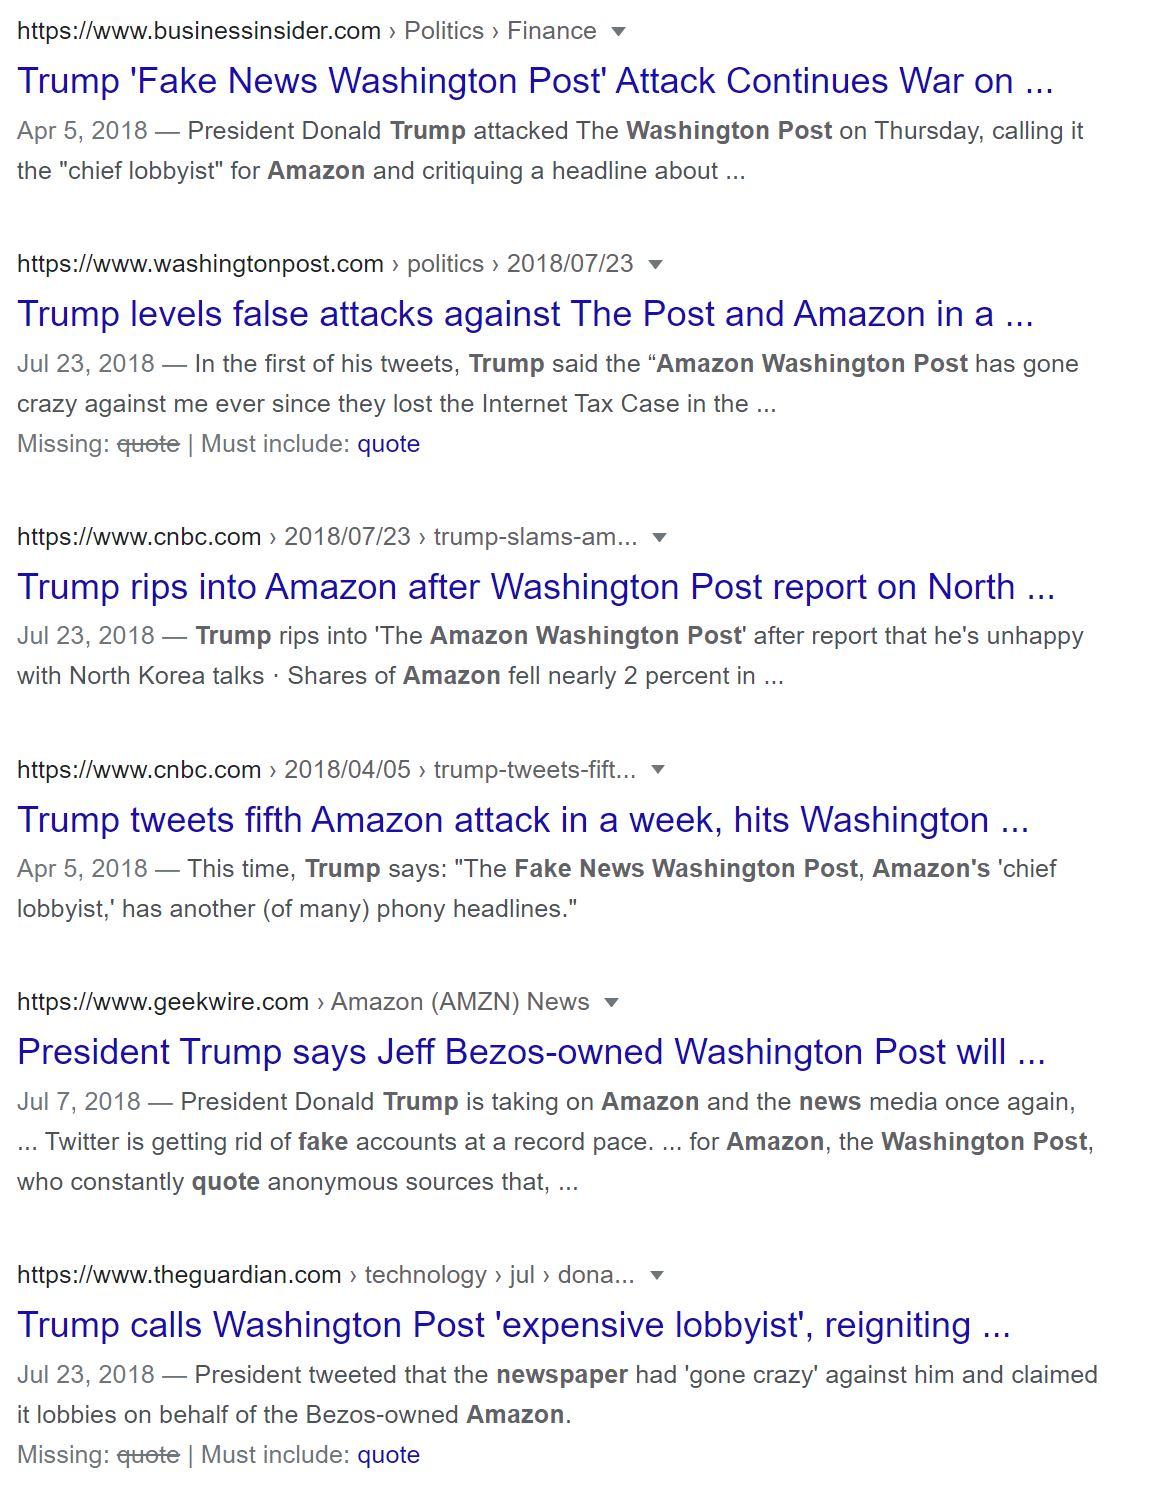 Una captura de pantalla de noticias sobre los ataques de Trump a Amazon y al Washington Post.